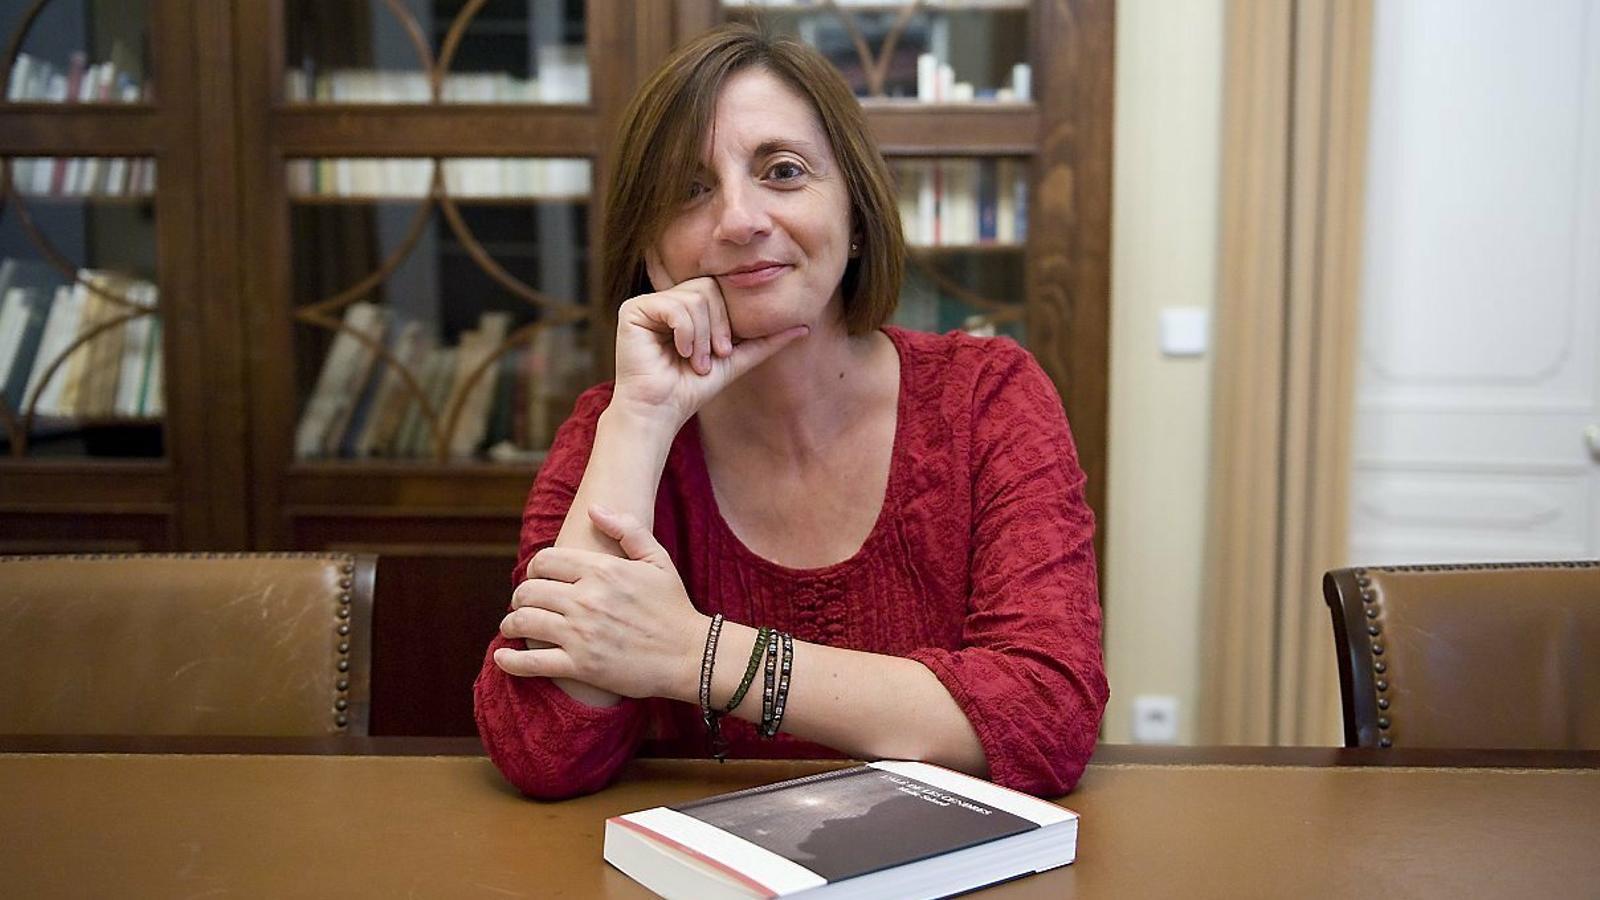 La líder de Més per Menorca confia en obtenir el pròxim diumenge un bon resultat a les urnes.